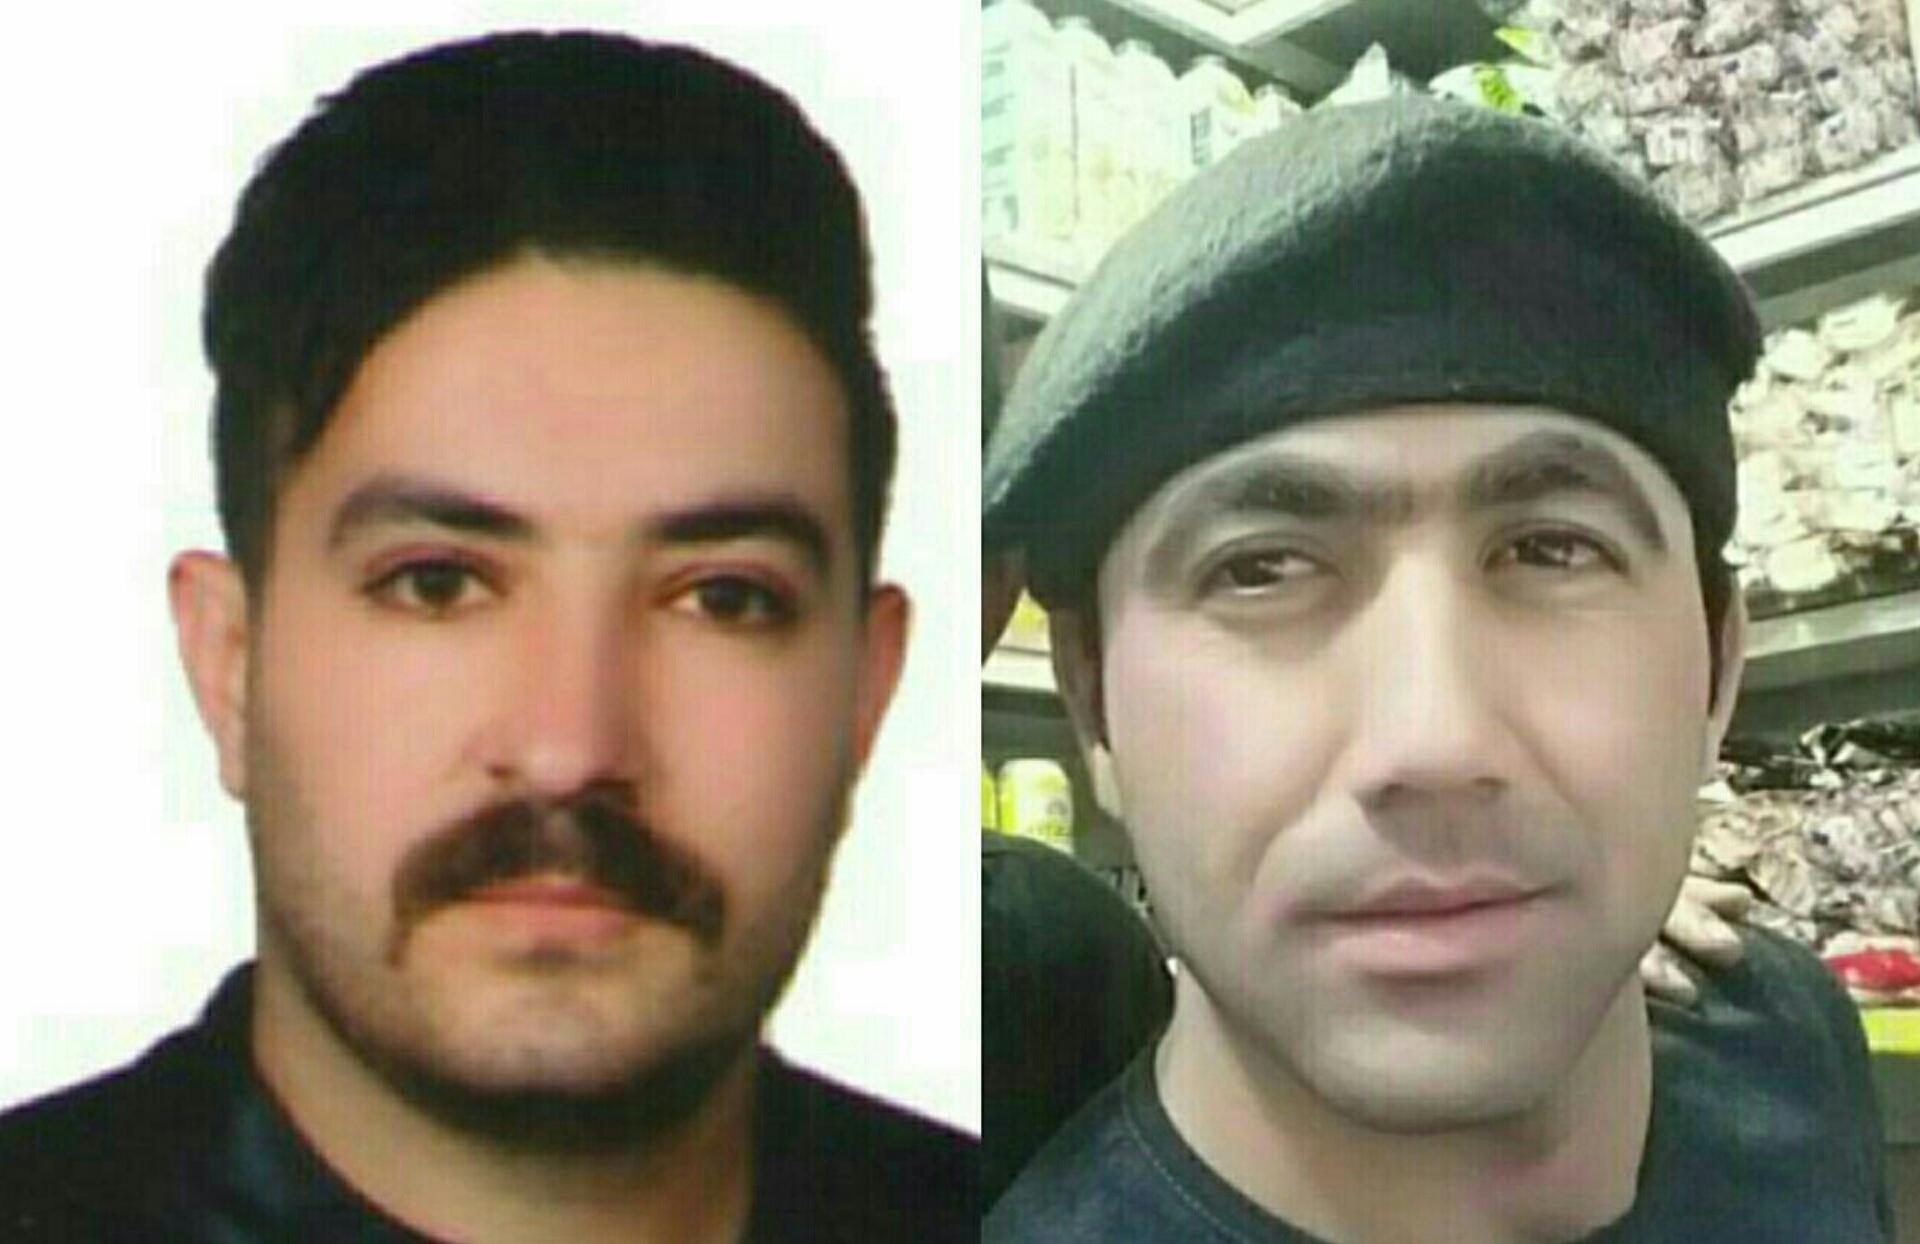 توحید امیر امینی و کیانوش اصلانی دو تن از فعالین تورک به ۱۴ سال حبس تعزیری محکوم شدند